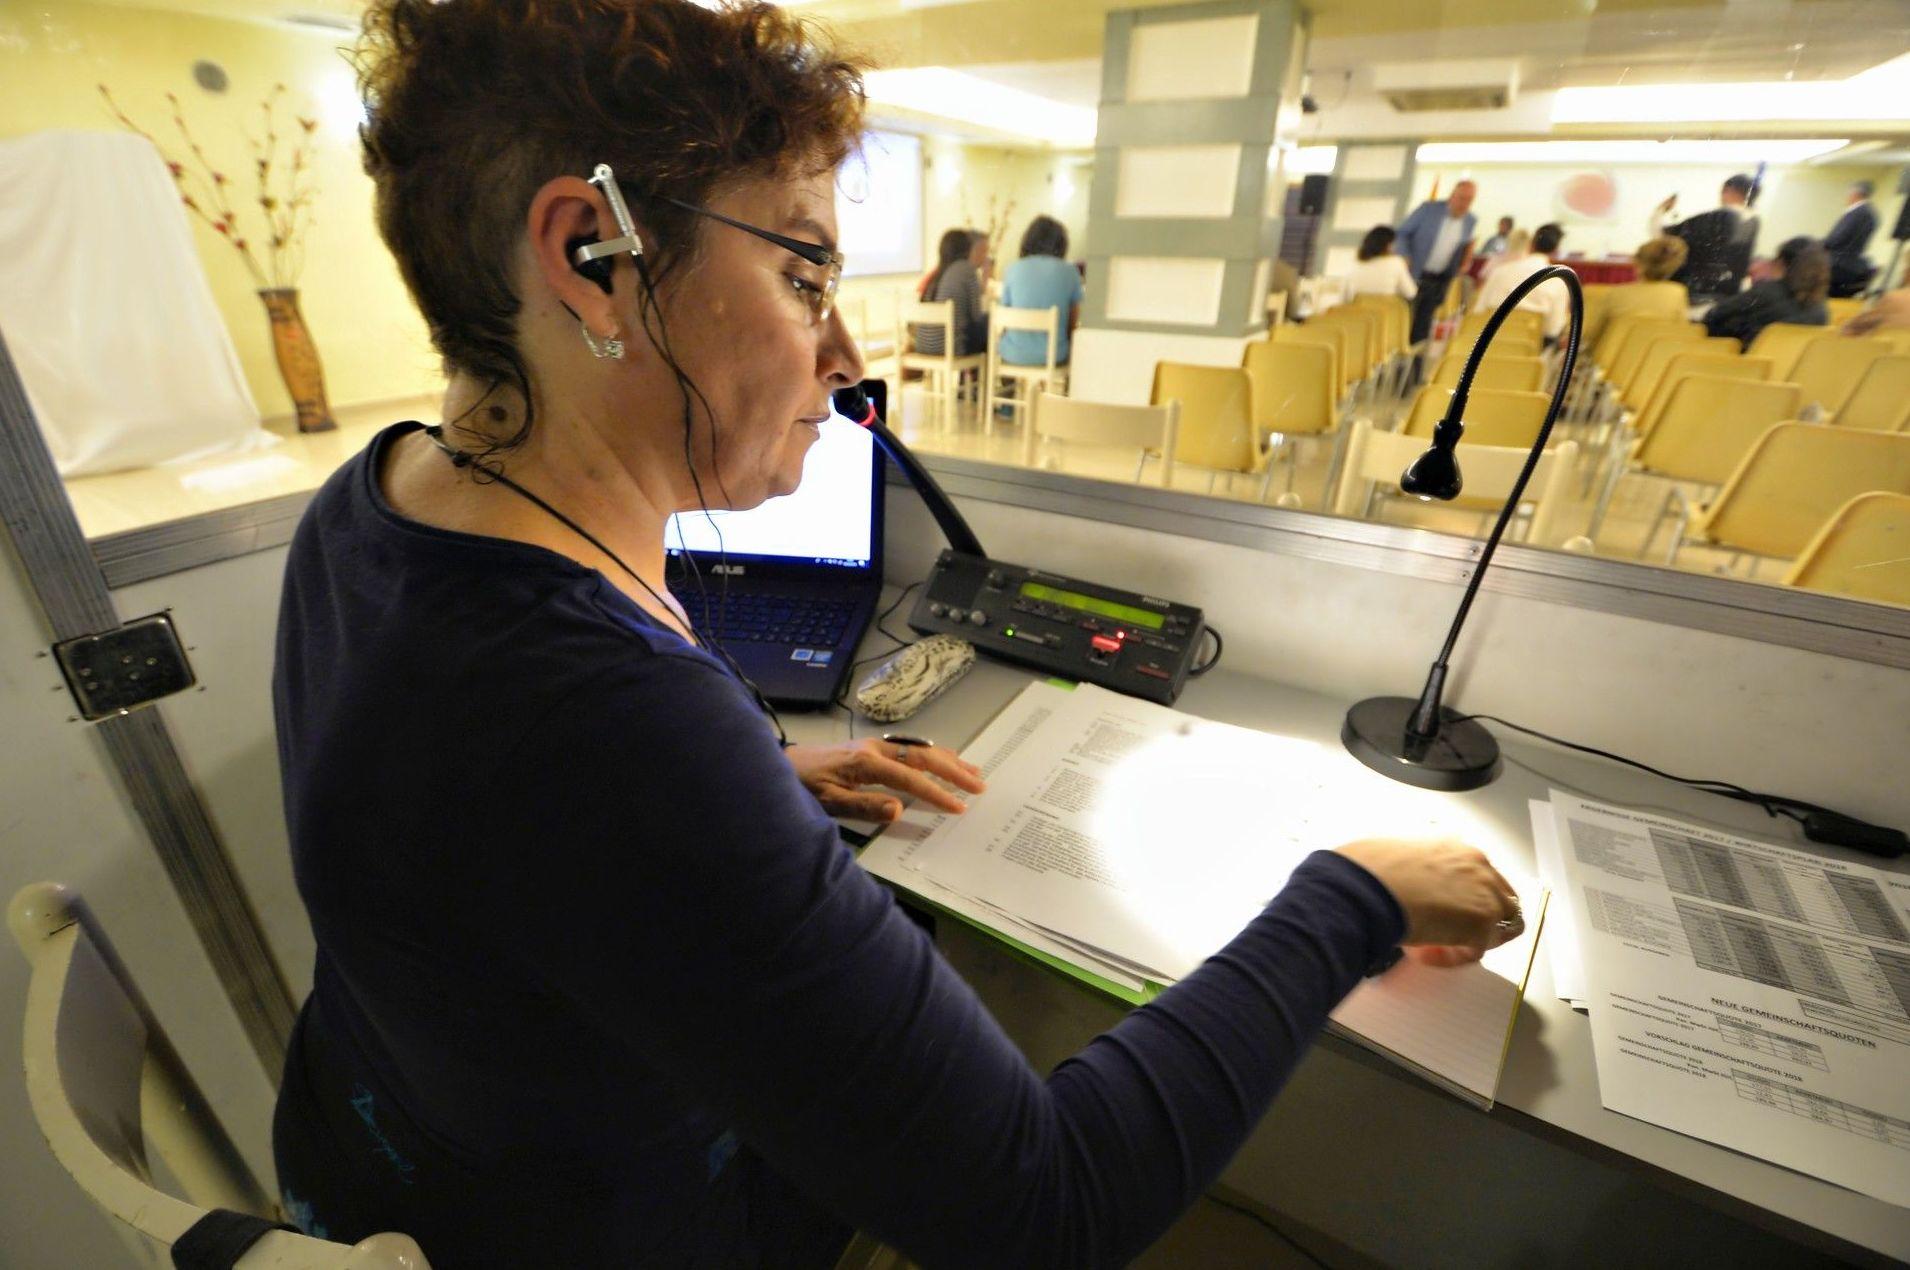 Foto 8 de Traductores e intérpretes en Tacoronte | Wai Comunicación